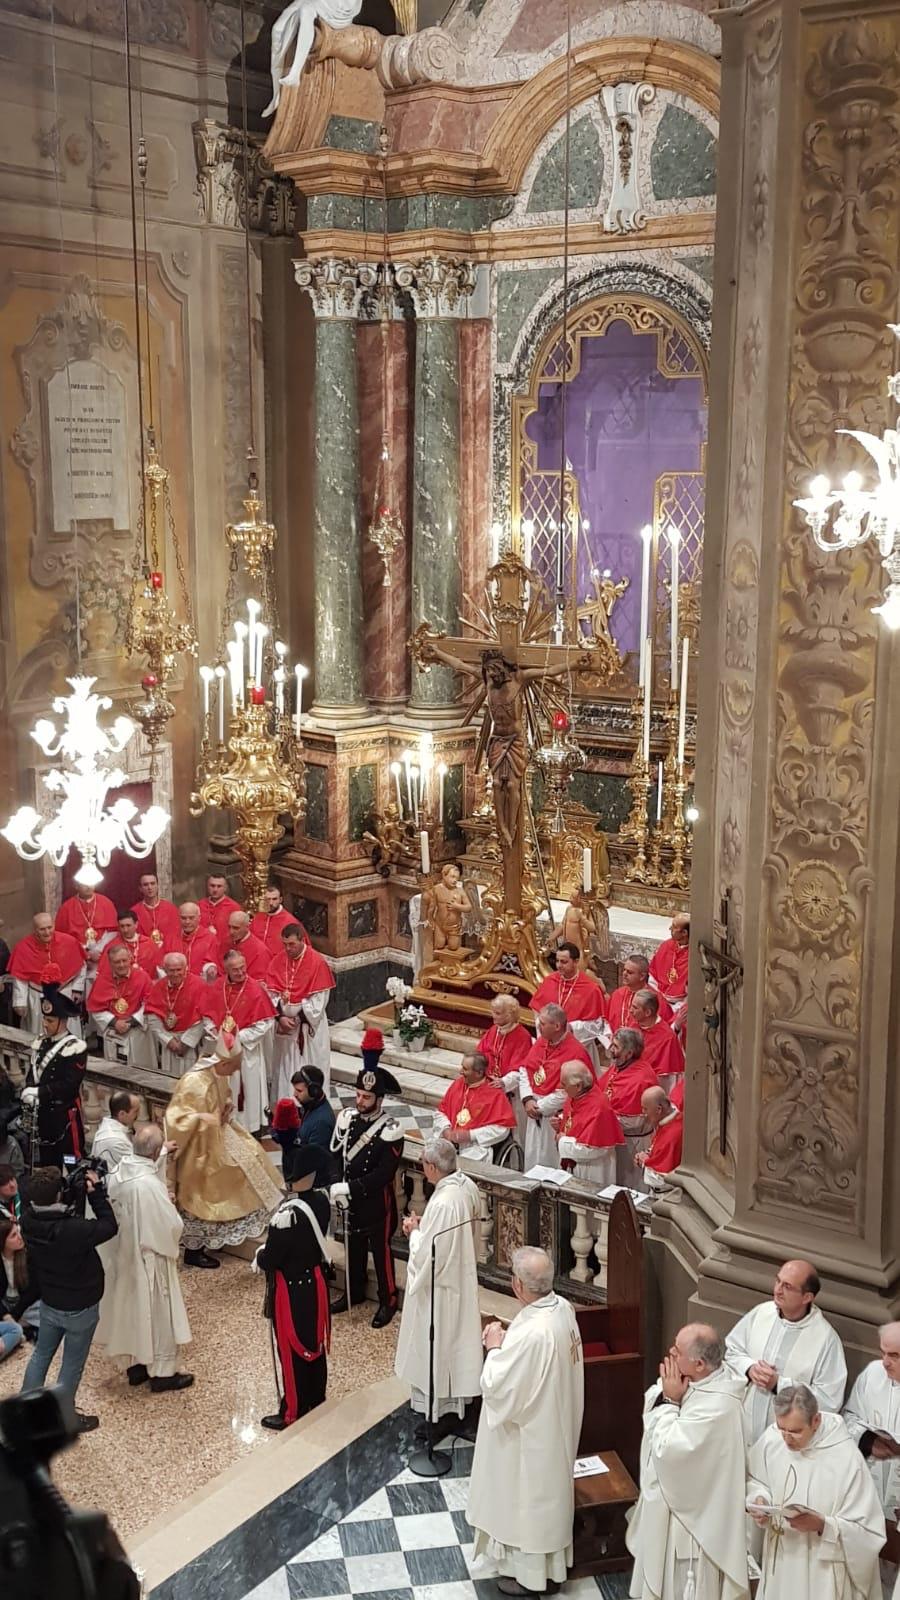 Crocifisso ligneo del XIII secolo nella Collegiata di Santa Maria Maggiore, COLLEGIATA S. MARIA MAGGIORE, PIEVE DI CENTO (BO )